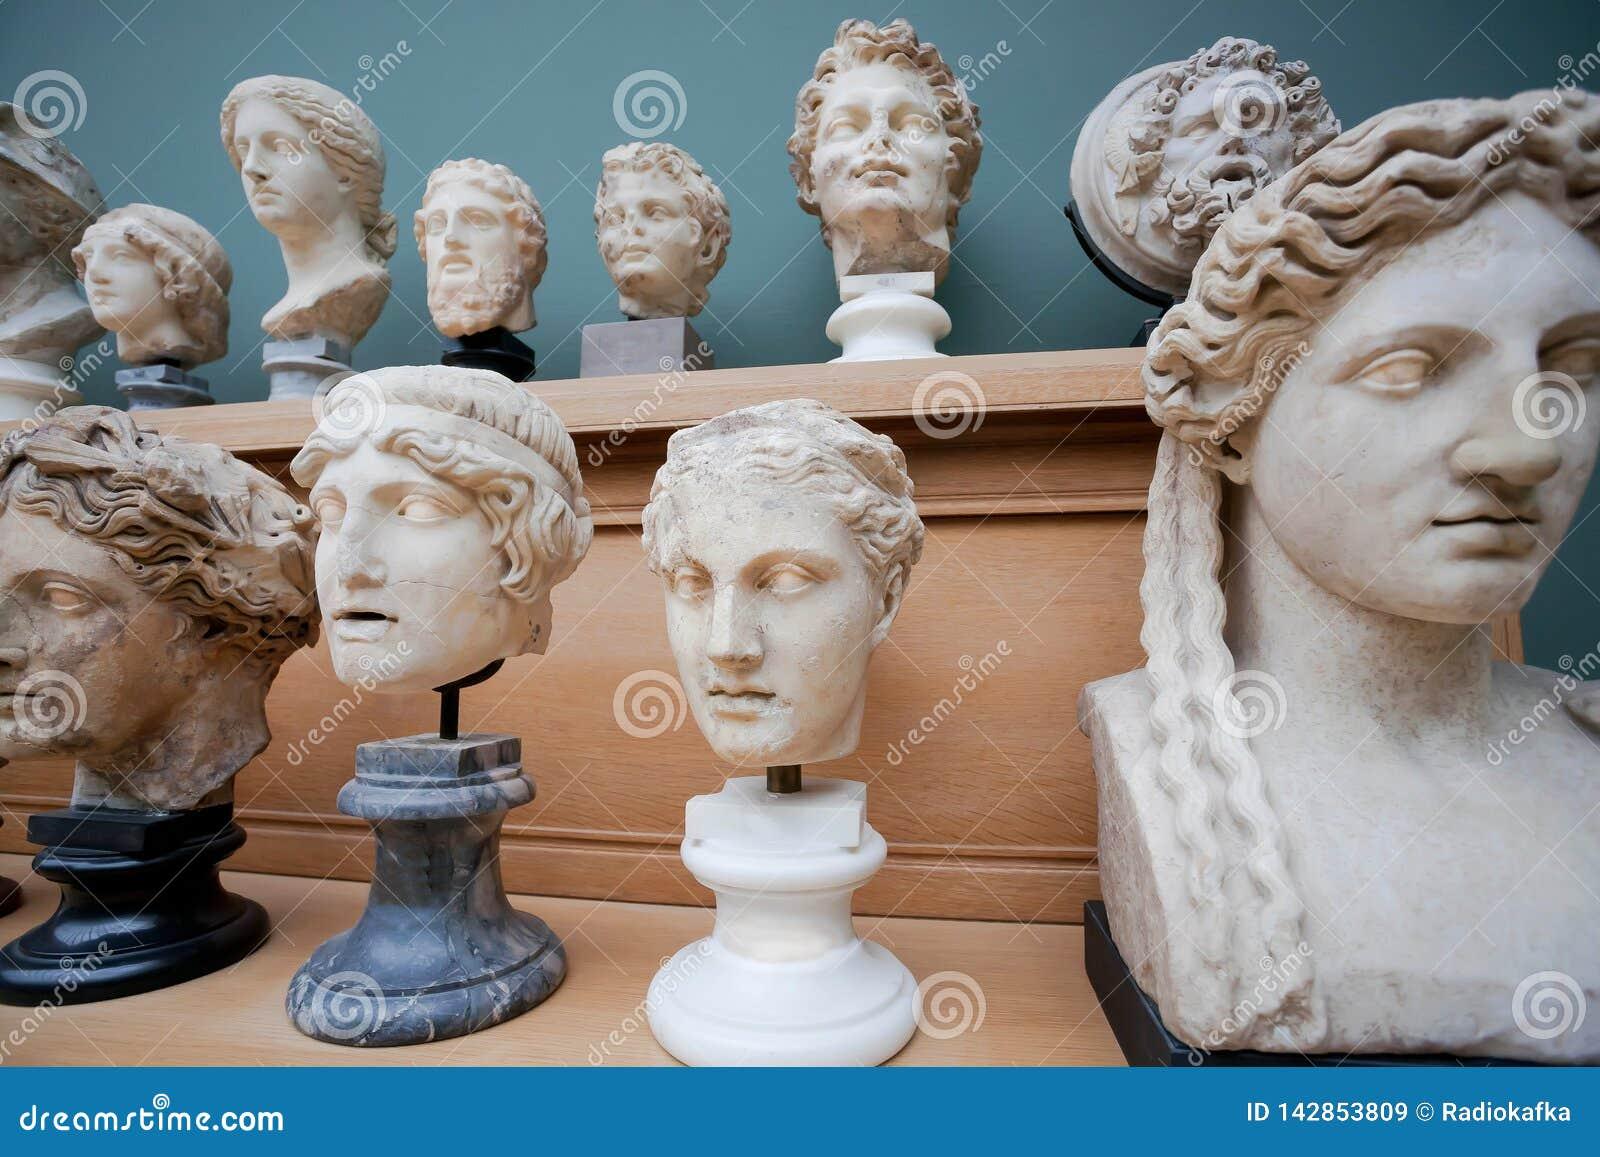 Muitas cópias do rosto humano e as de mármore das cabeças de deuses e de imperadores romanos idosos na prateleira Memórias sobre